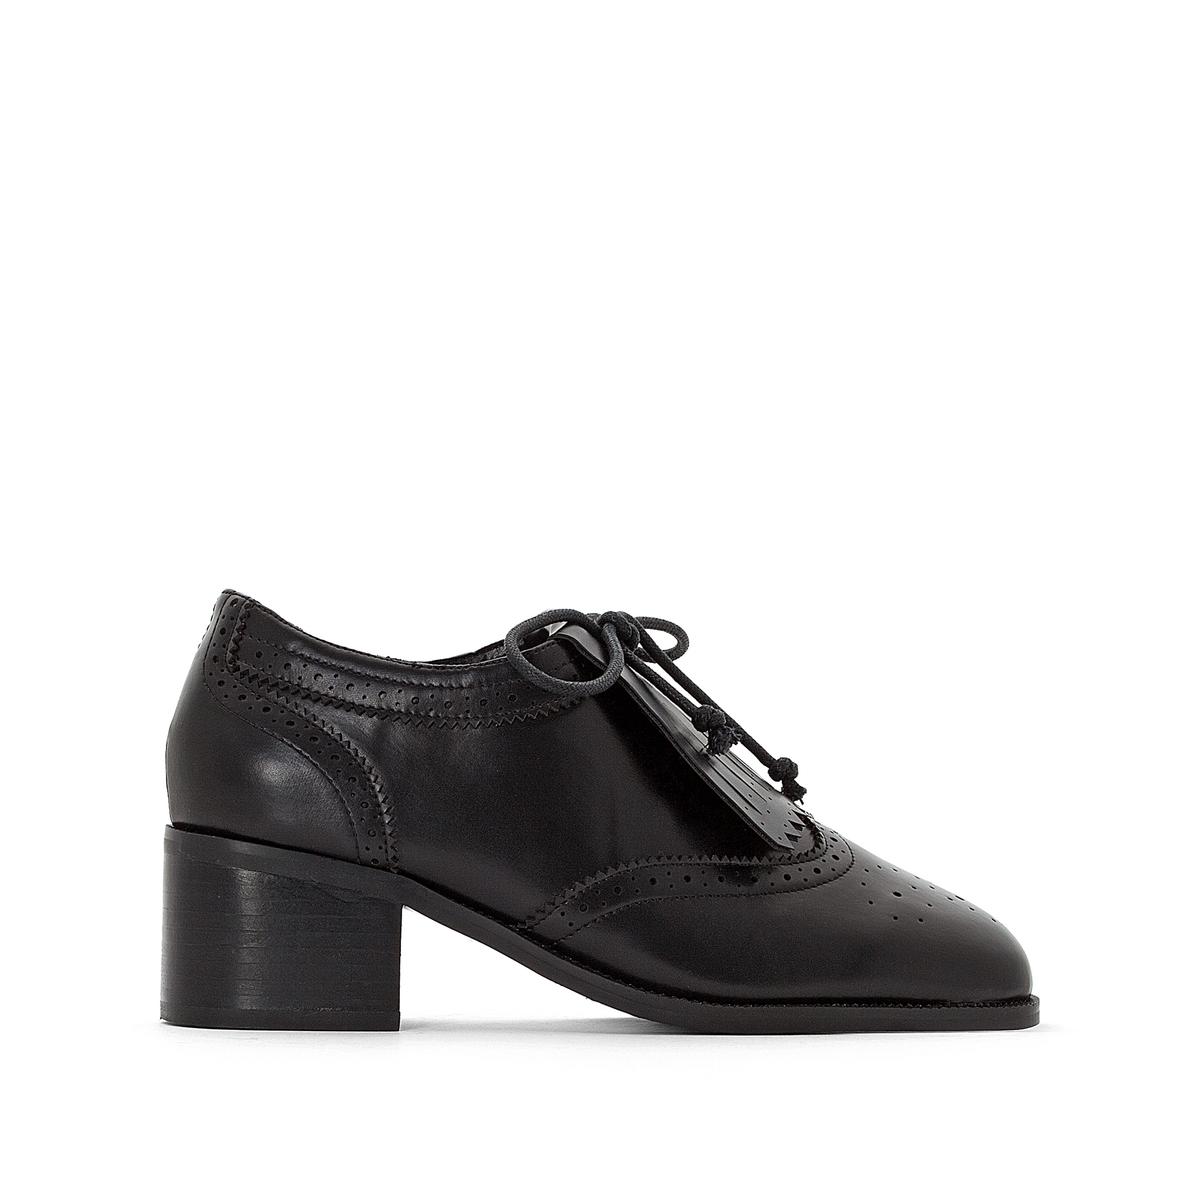 купить Ботинки-дерби с бахромой на среднем каблуке недорого